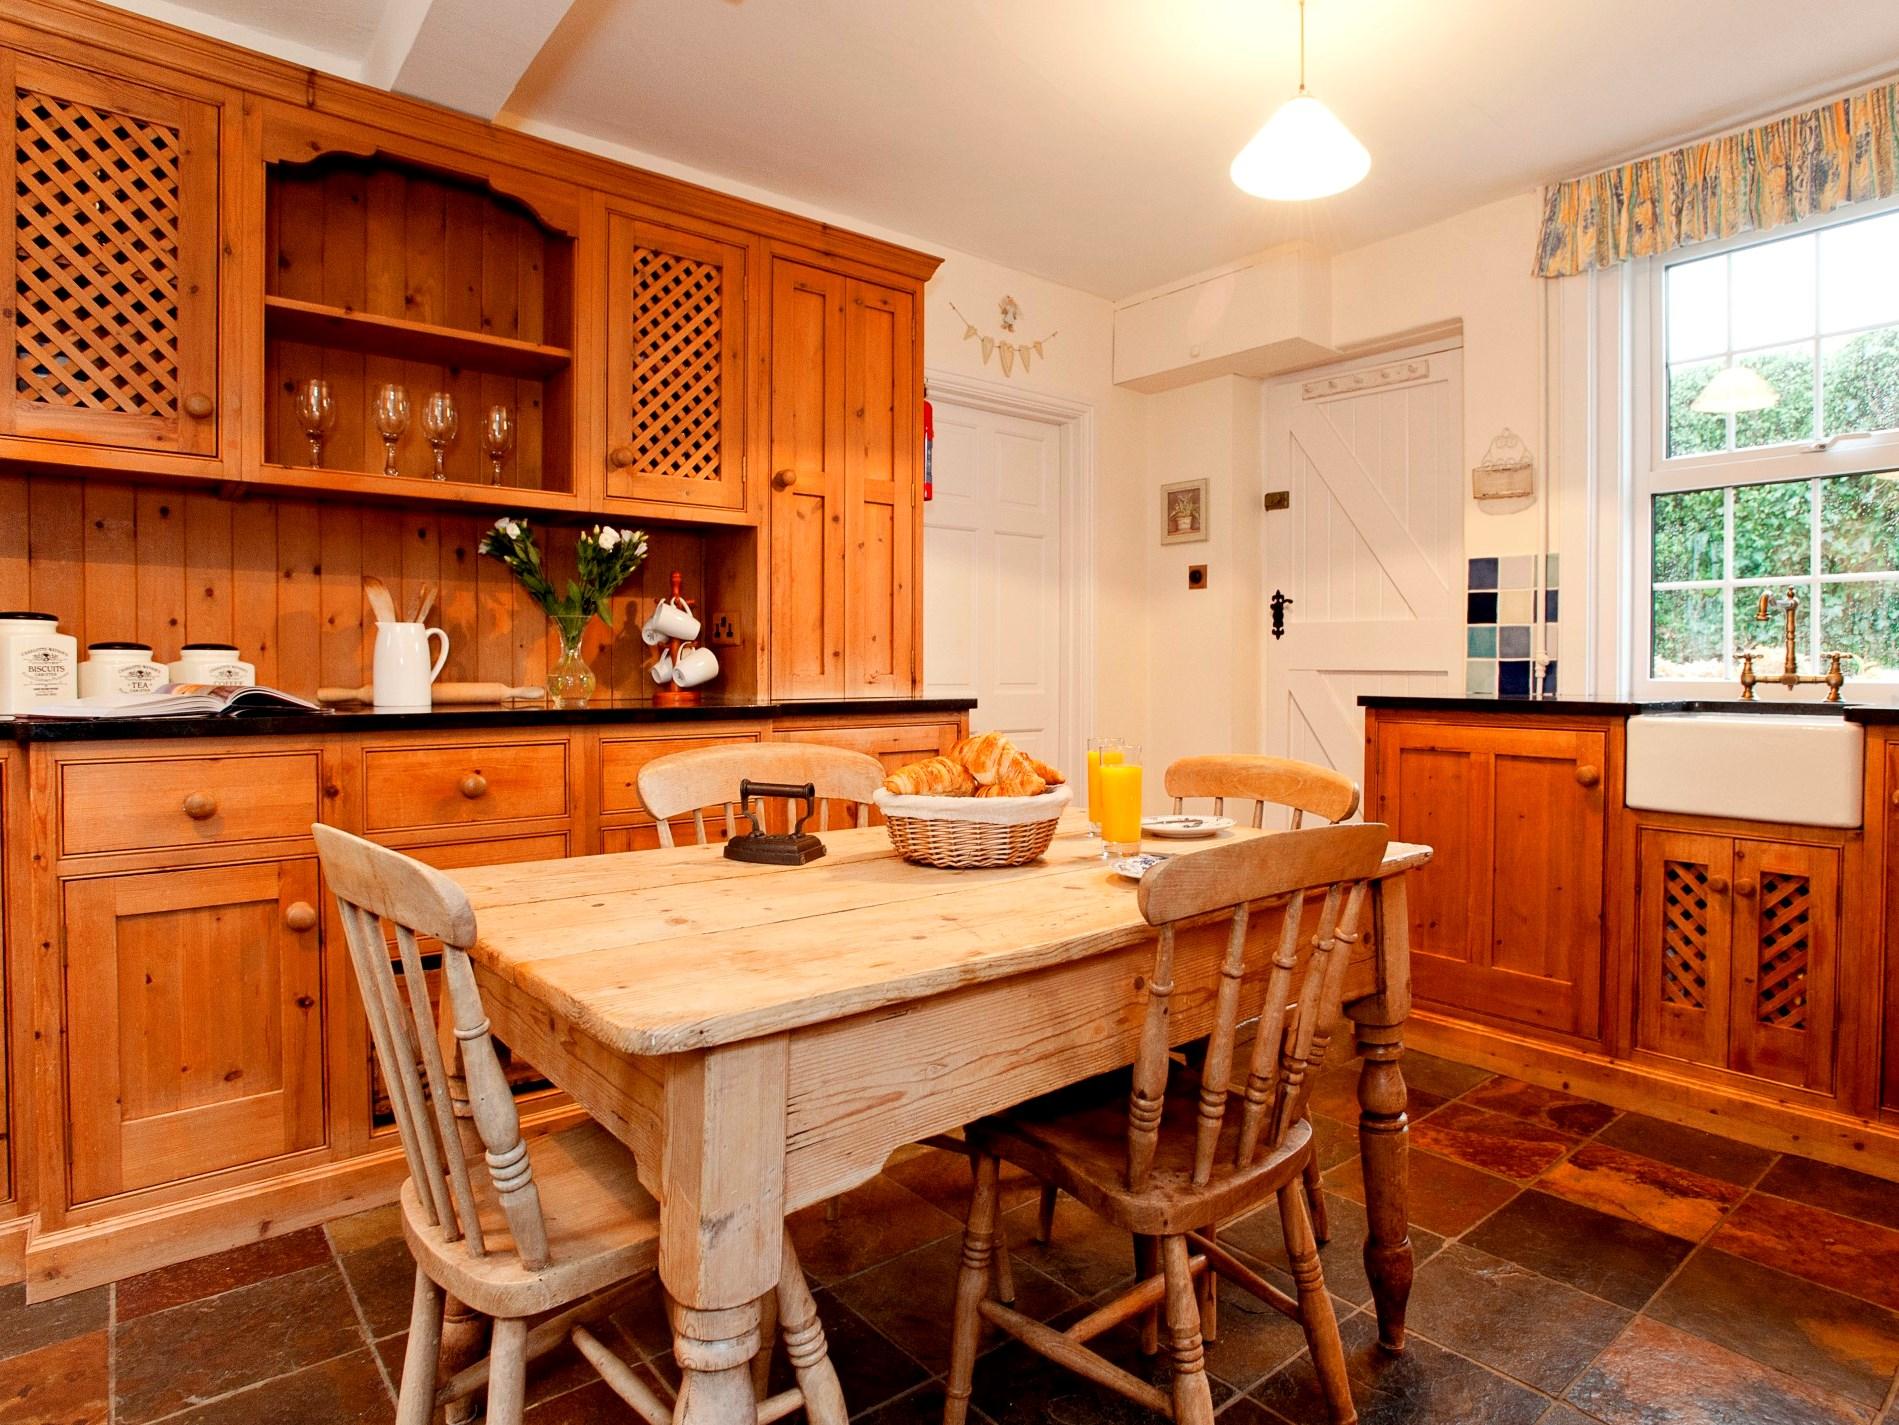 Pretty farmhouse style kitchen